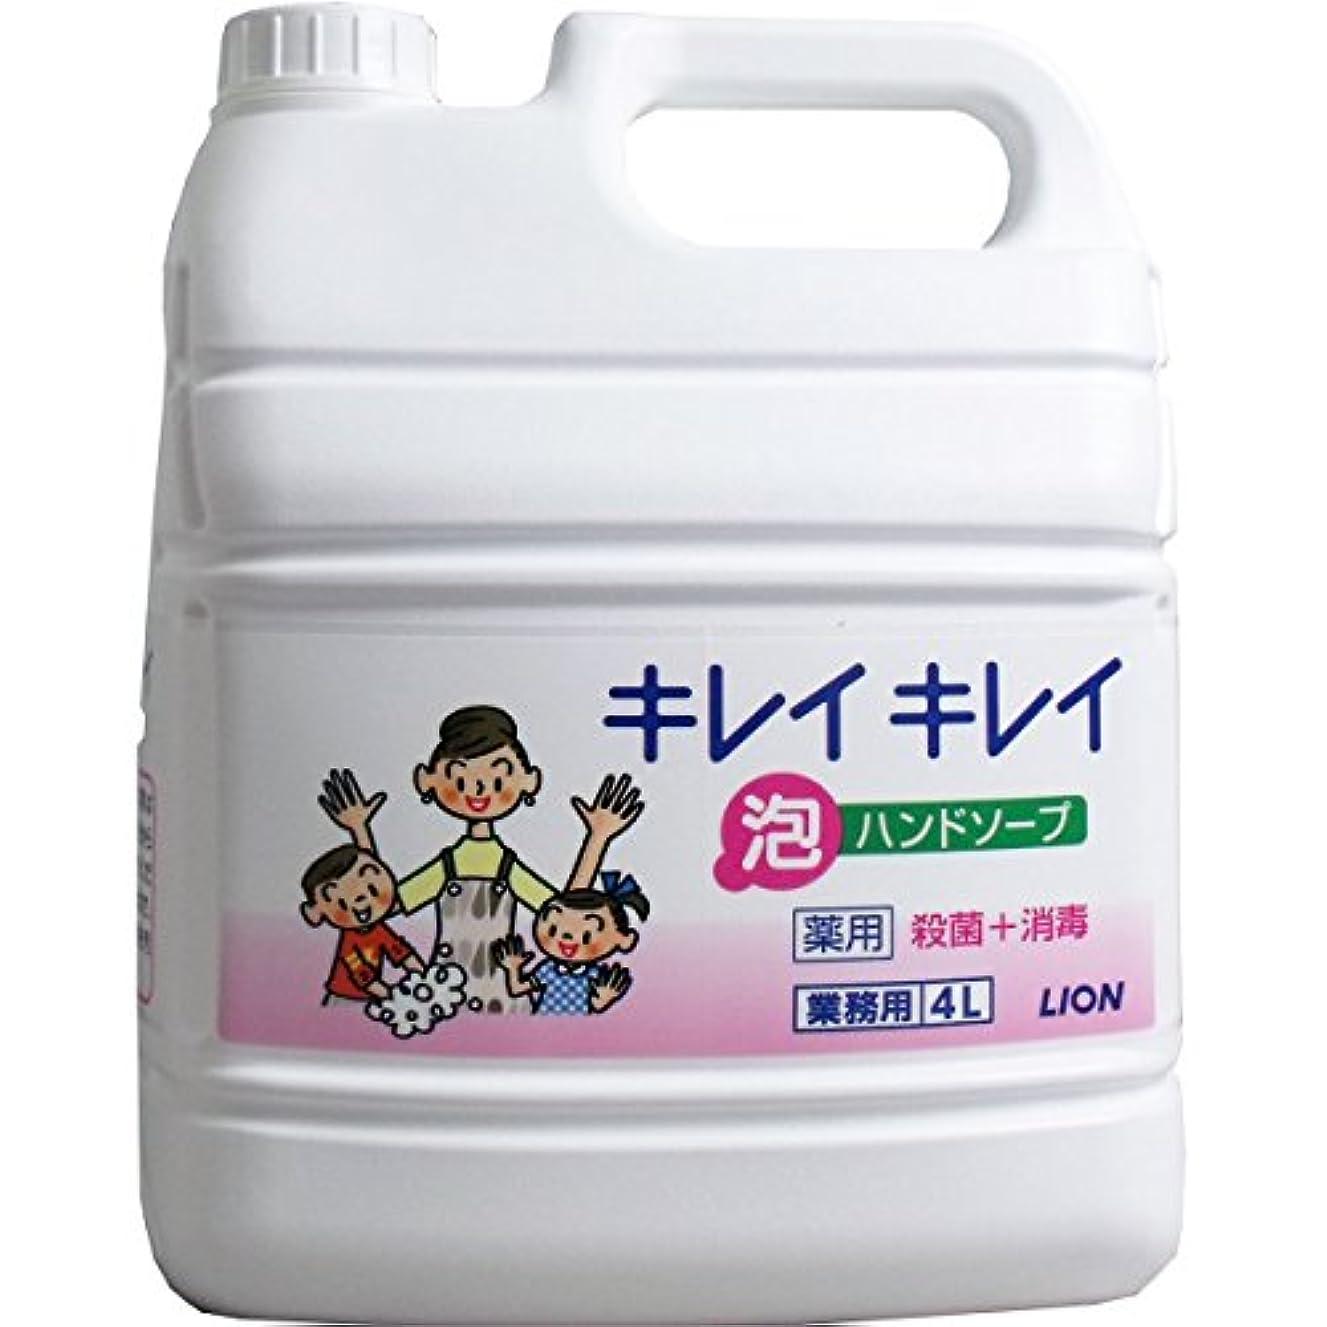 ライオン 業務用 キレイキレイ 薬用 泡ハンドソープ 4L